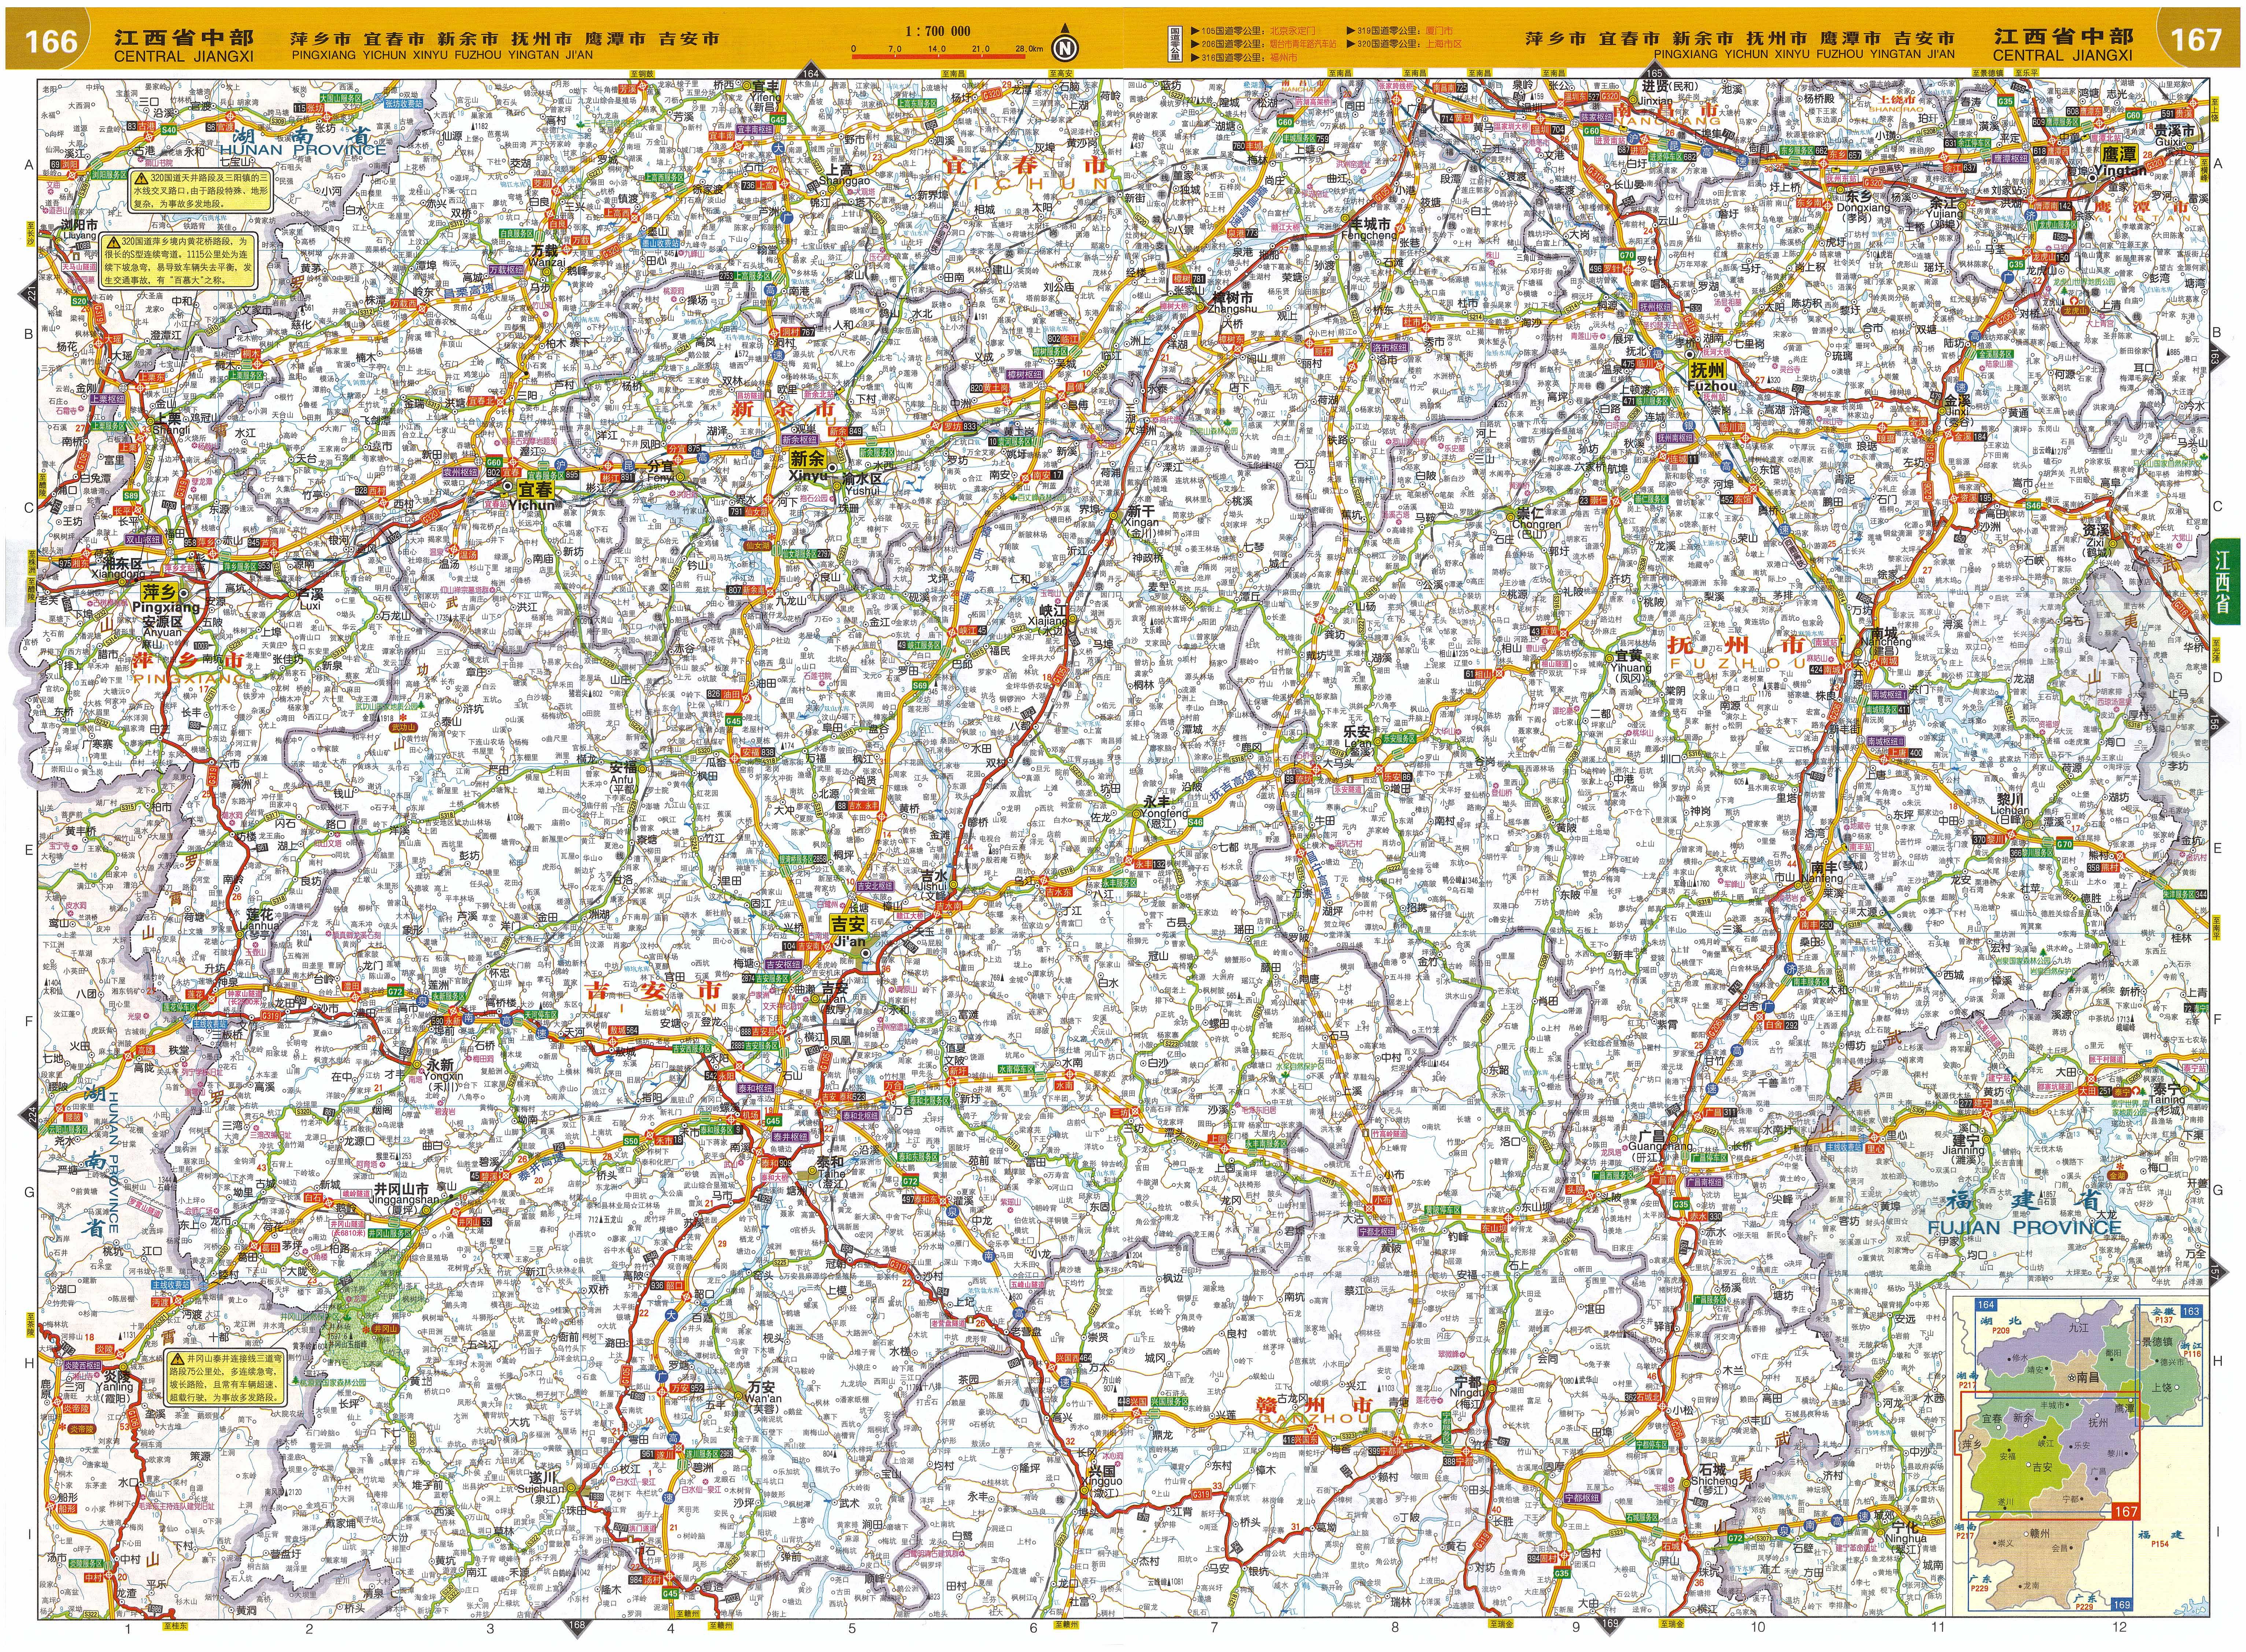 江苏高铁地图全图_江西省中部交通地图全图_交通地图库_地图窝